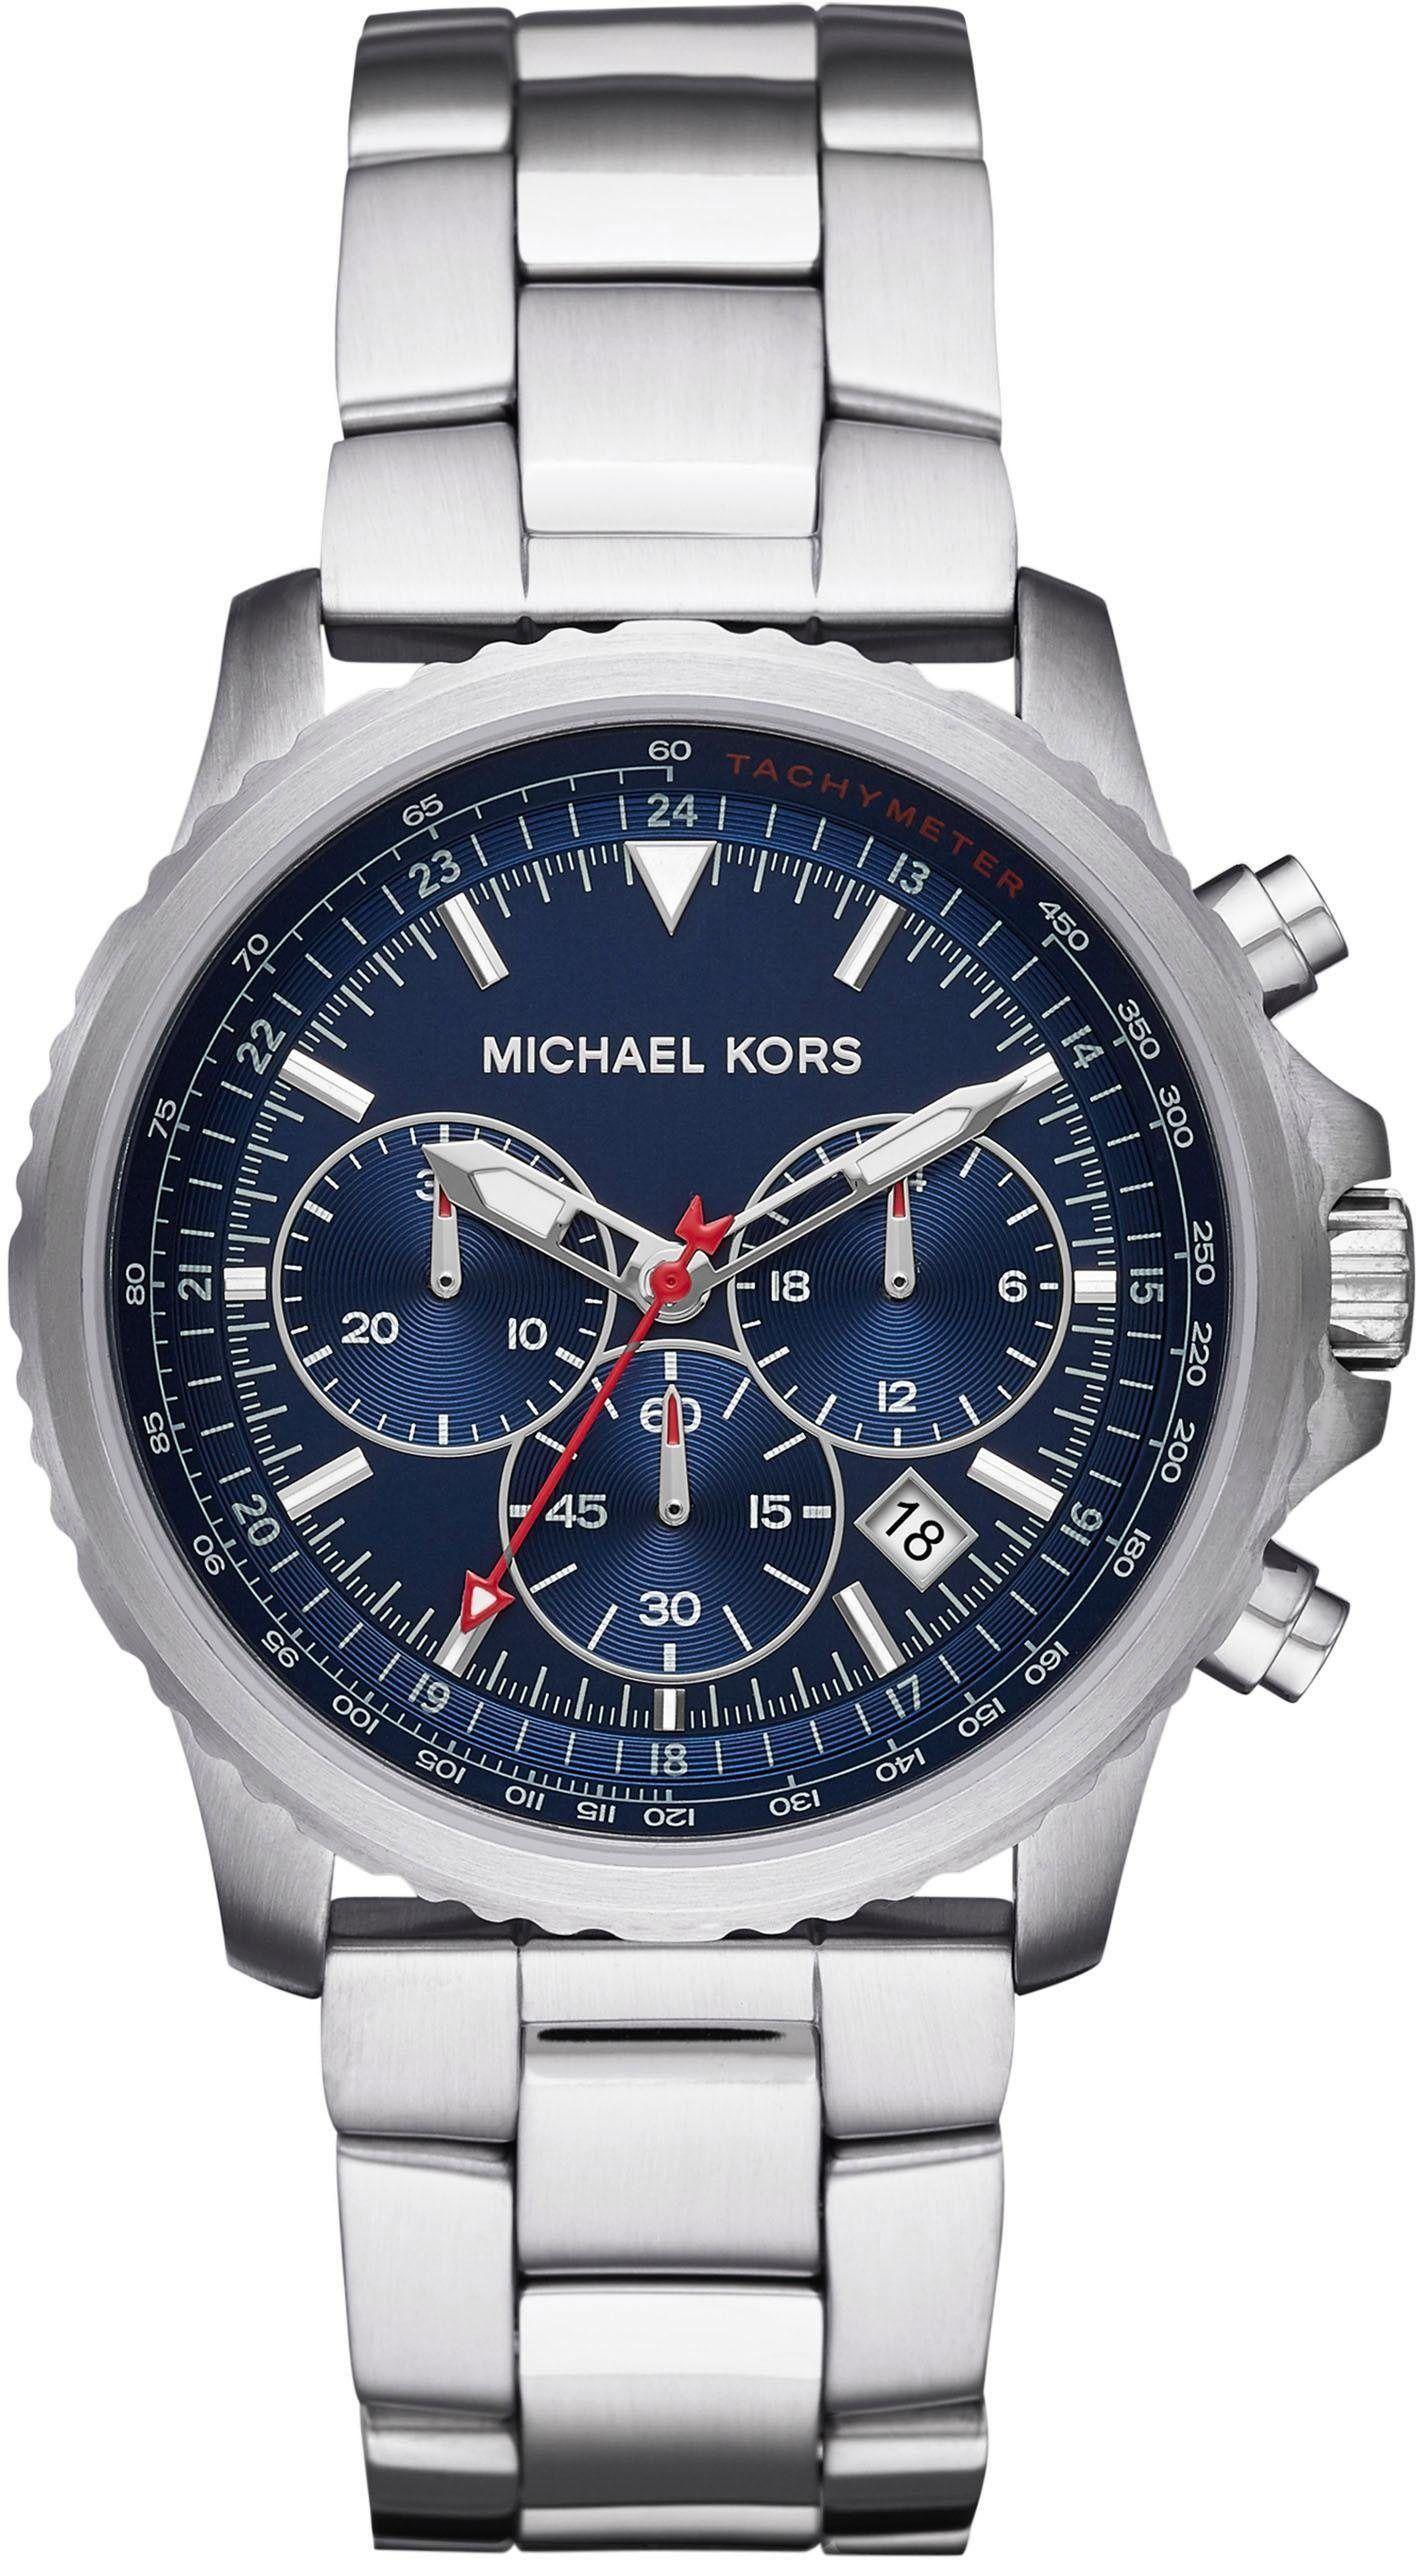 Michael Kors Chronograph Theroux Mk8641 Jetzt Bestellen Unter Https Mode Ladendirekt De Herren U Uhren Herren Chronograph Herren Chronograph Uhren Herren